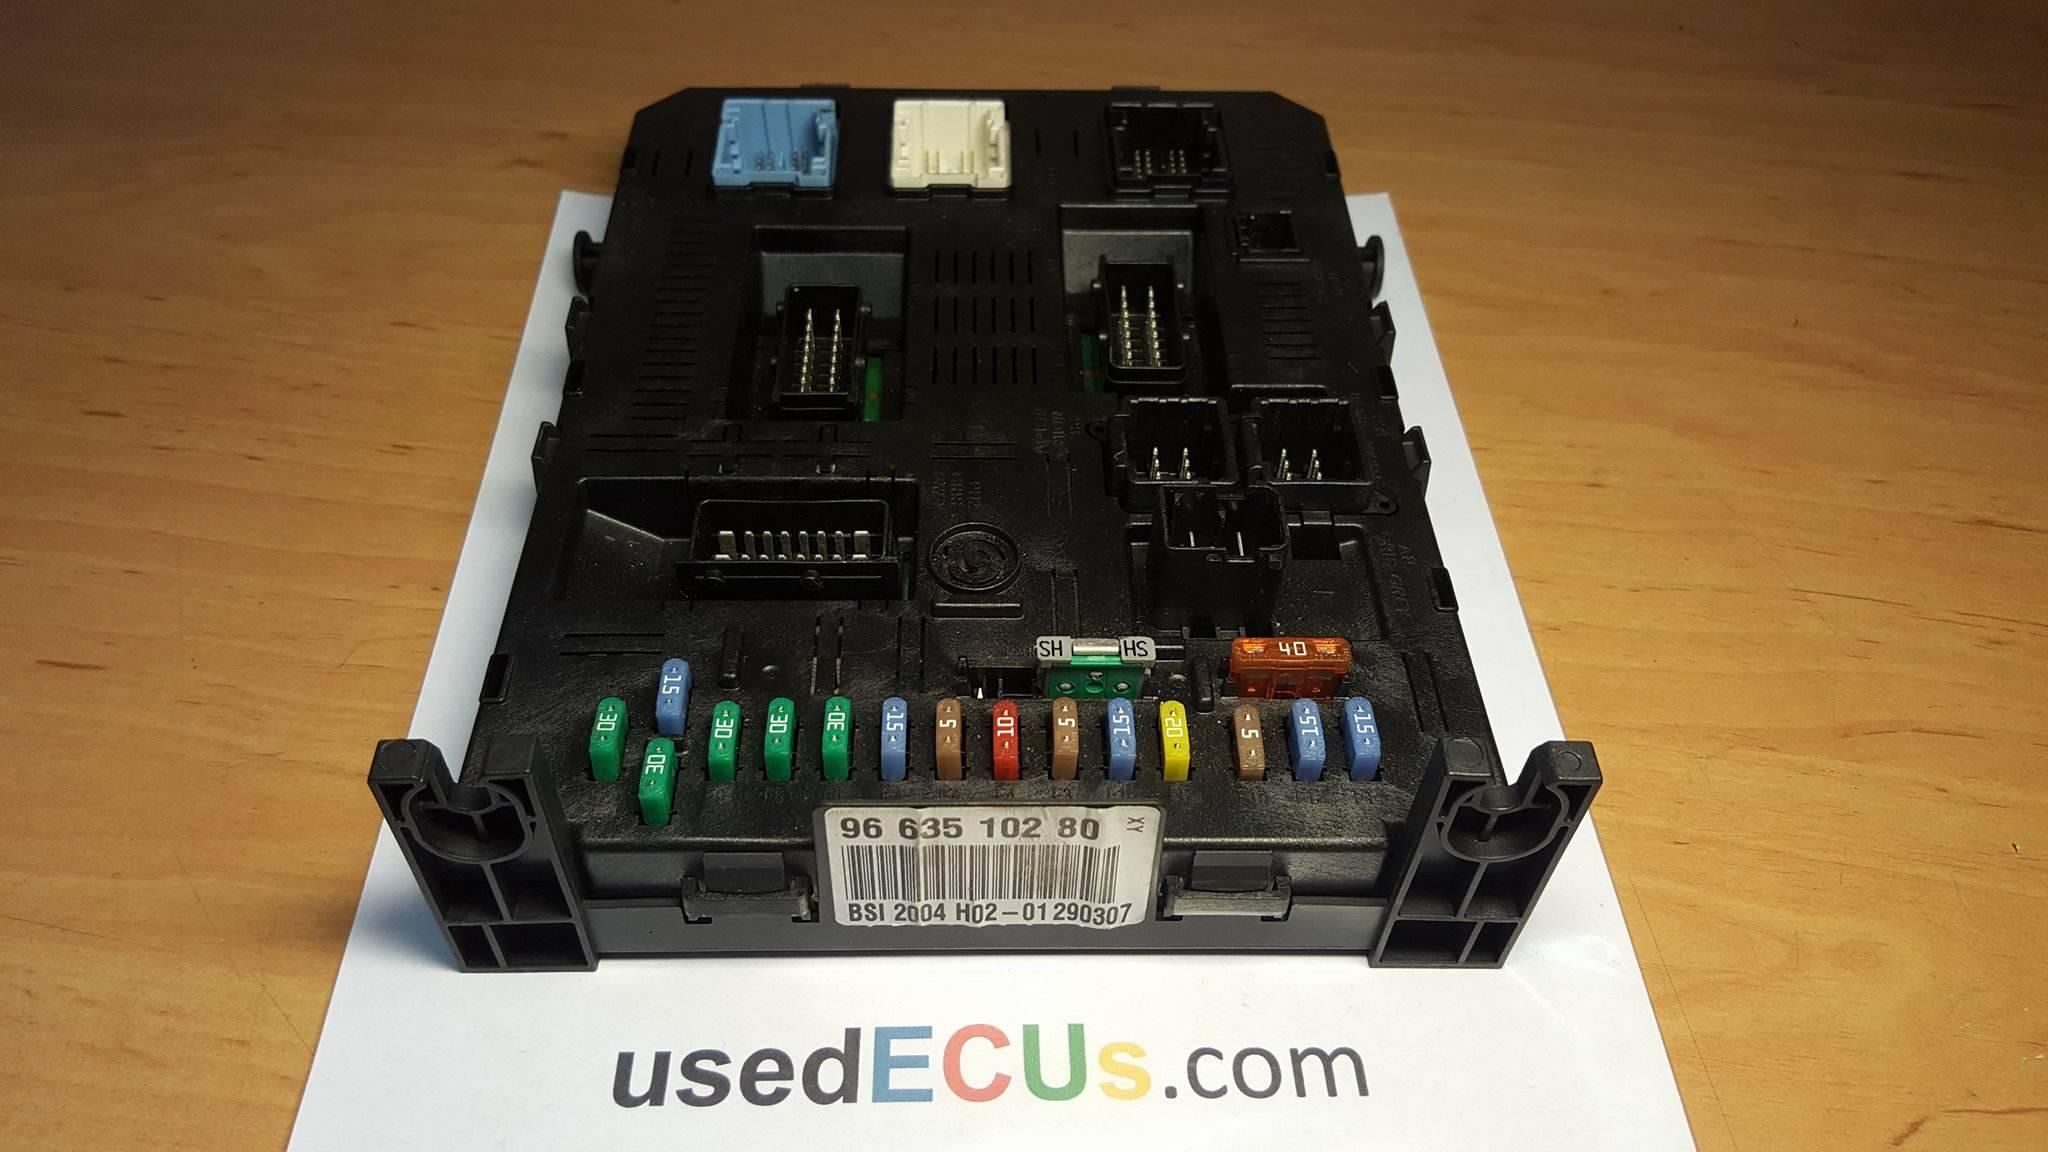 PEUGEOT 307 BSI FUSE BOX MODULE, 21676031-5B 28119736- 3A VO2-00,  9663510280 (Article: 21676031-5B 28119736- 3A VO2-00, 9663510280)